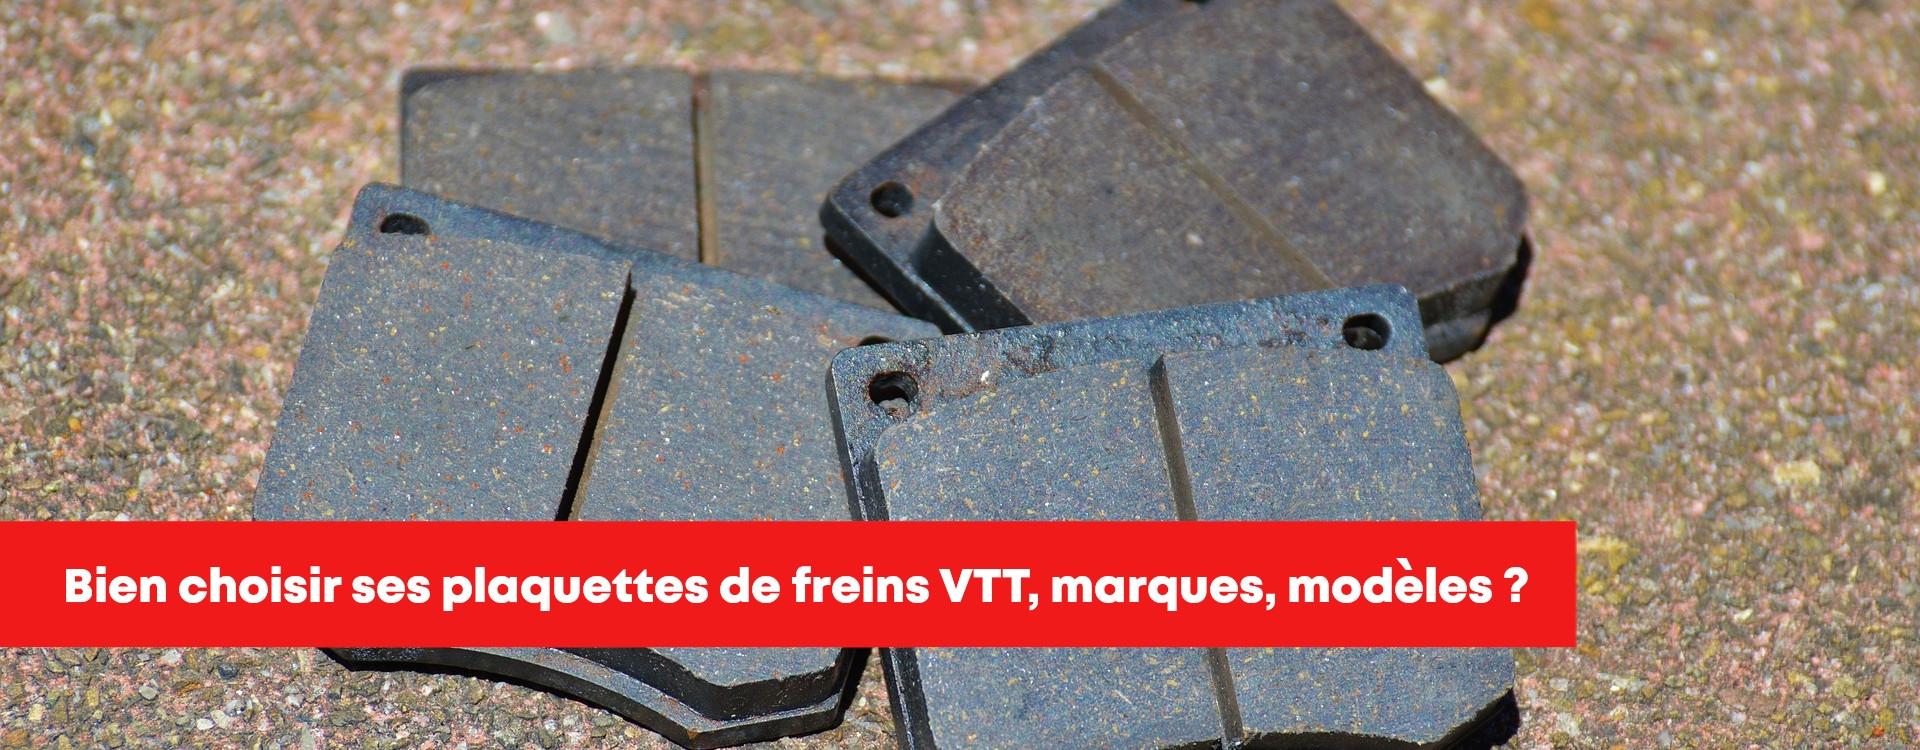 Comment choisir ses plaquettes de frein vtt ? la marque, l'année de fabrication, le modèle